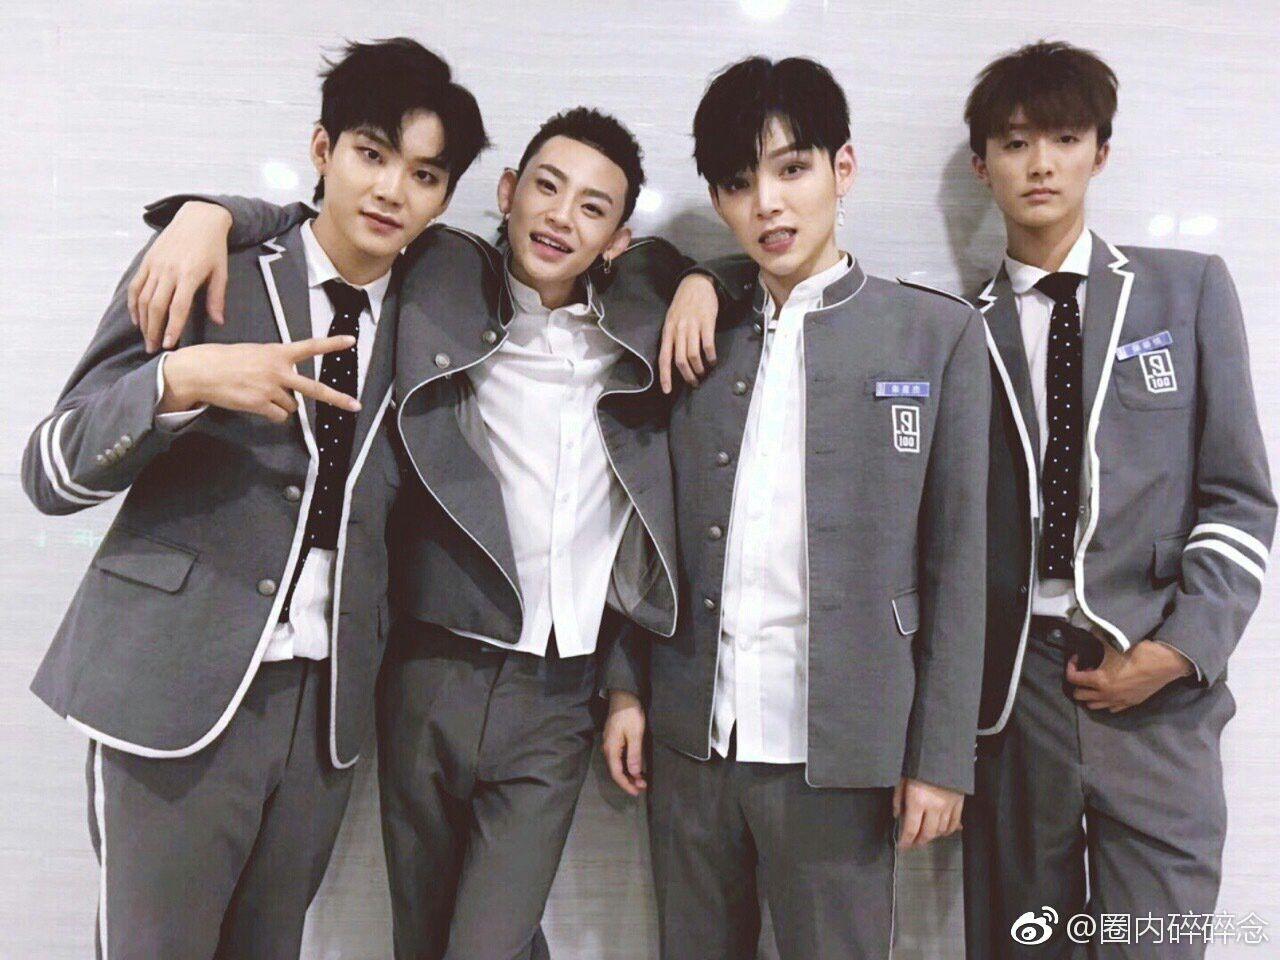 Zhujungjungting : zhou rui zhu xingjie and zhou yan chen for mac